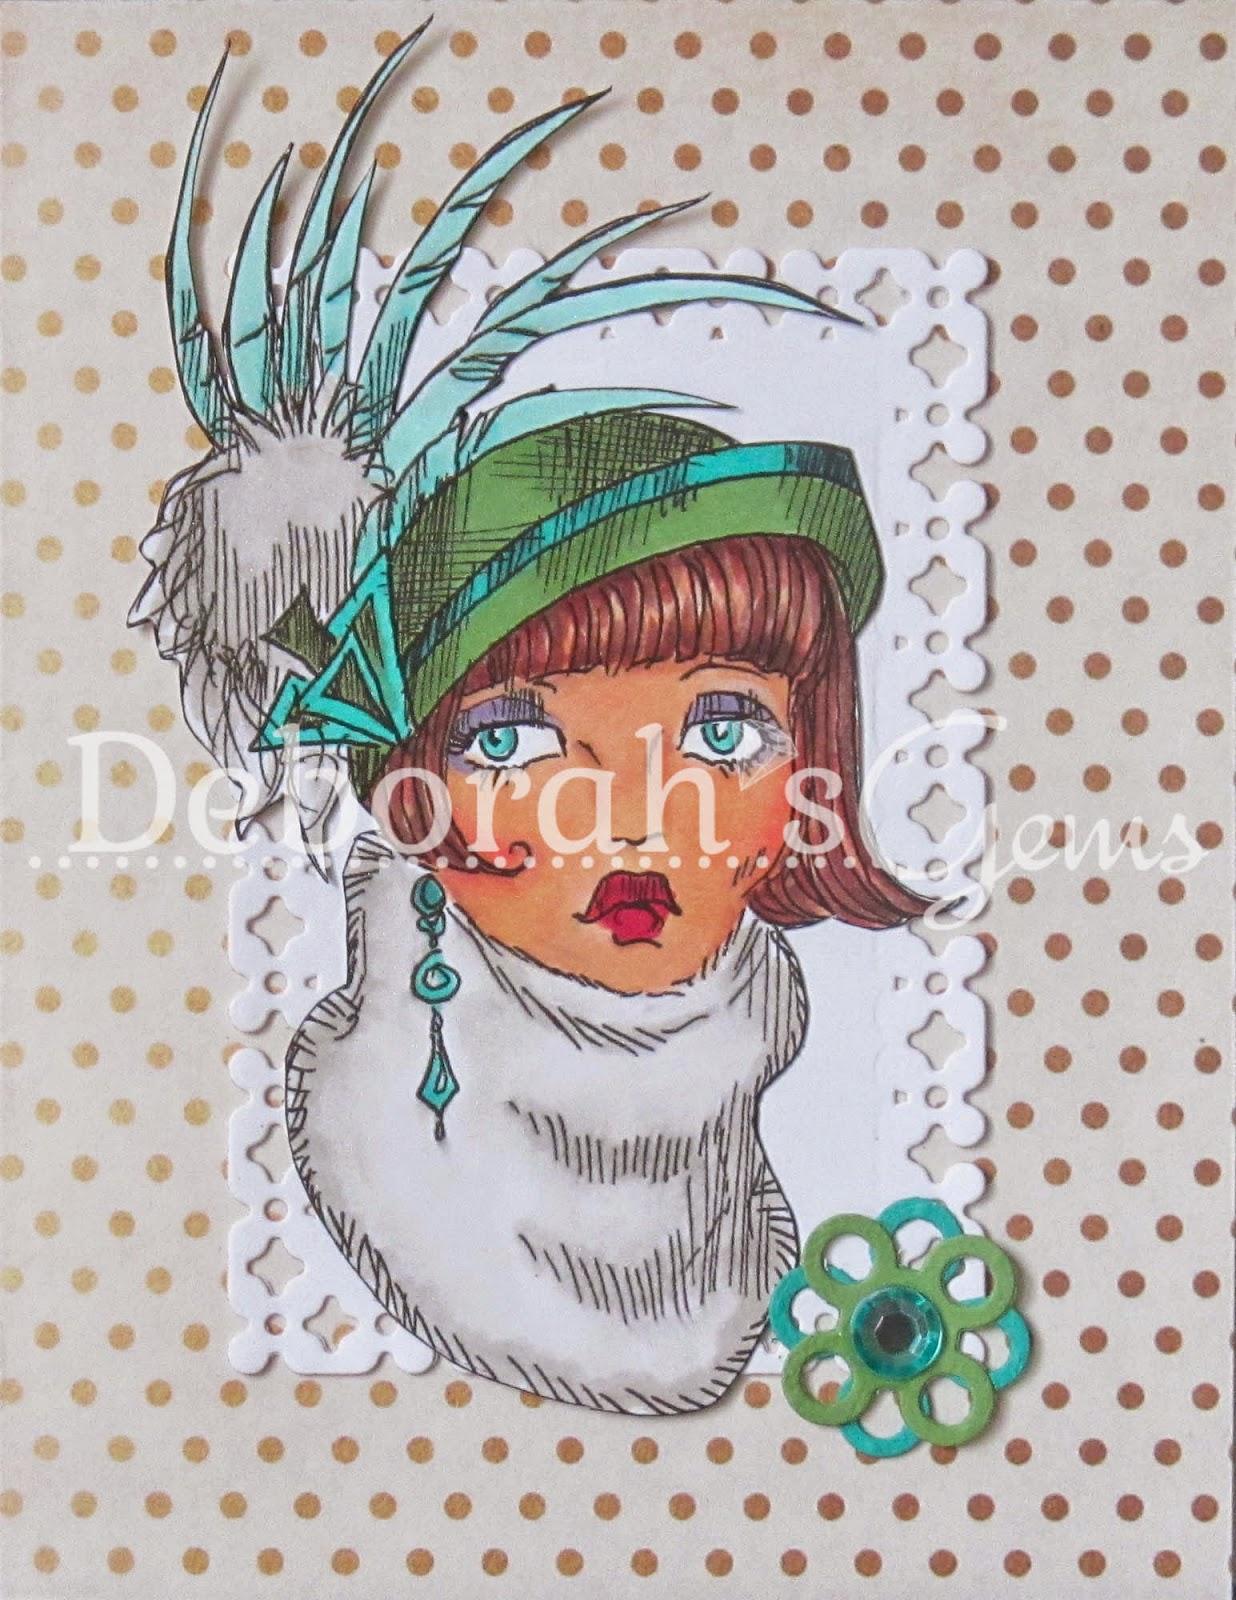 Billie Hat Lady - photo by Deborah Frings - Deborah's Gems